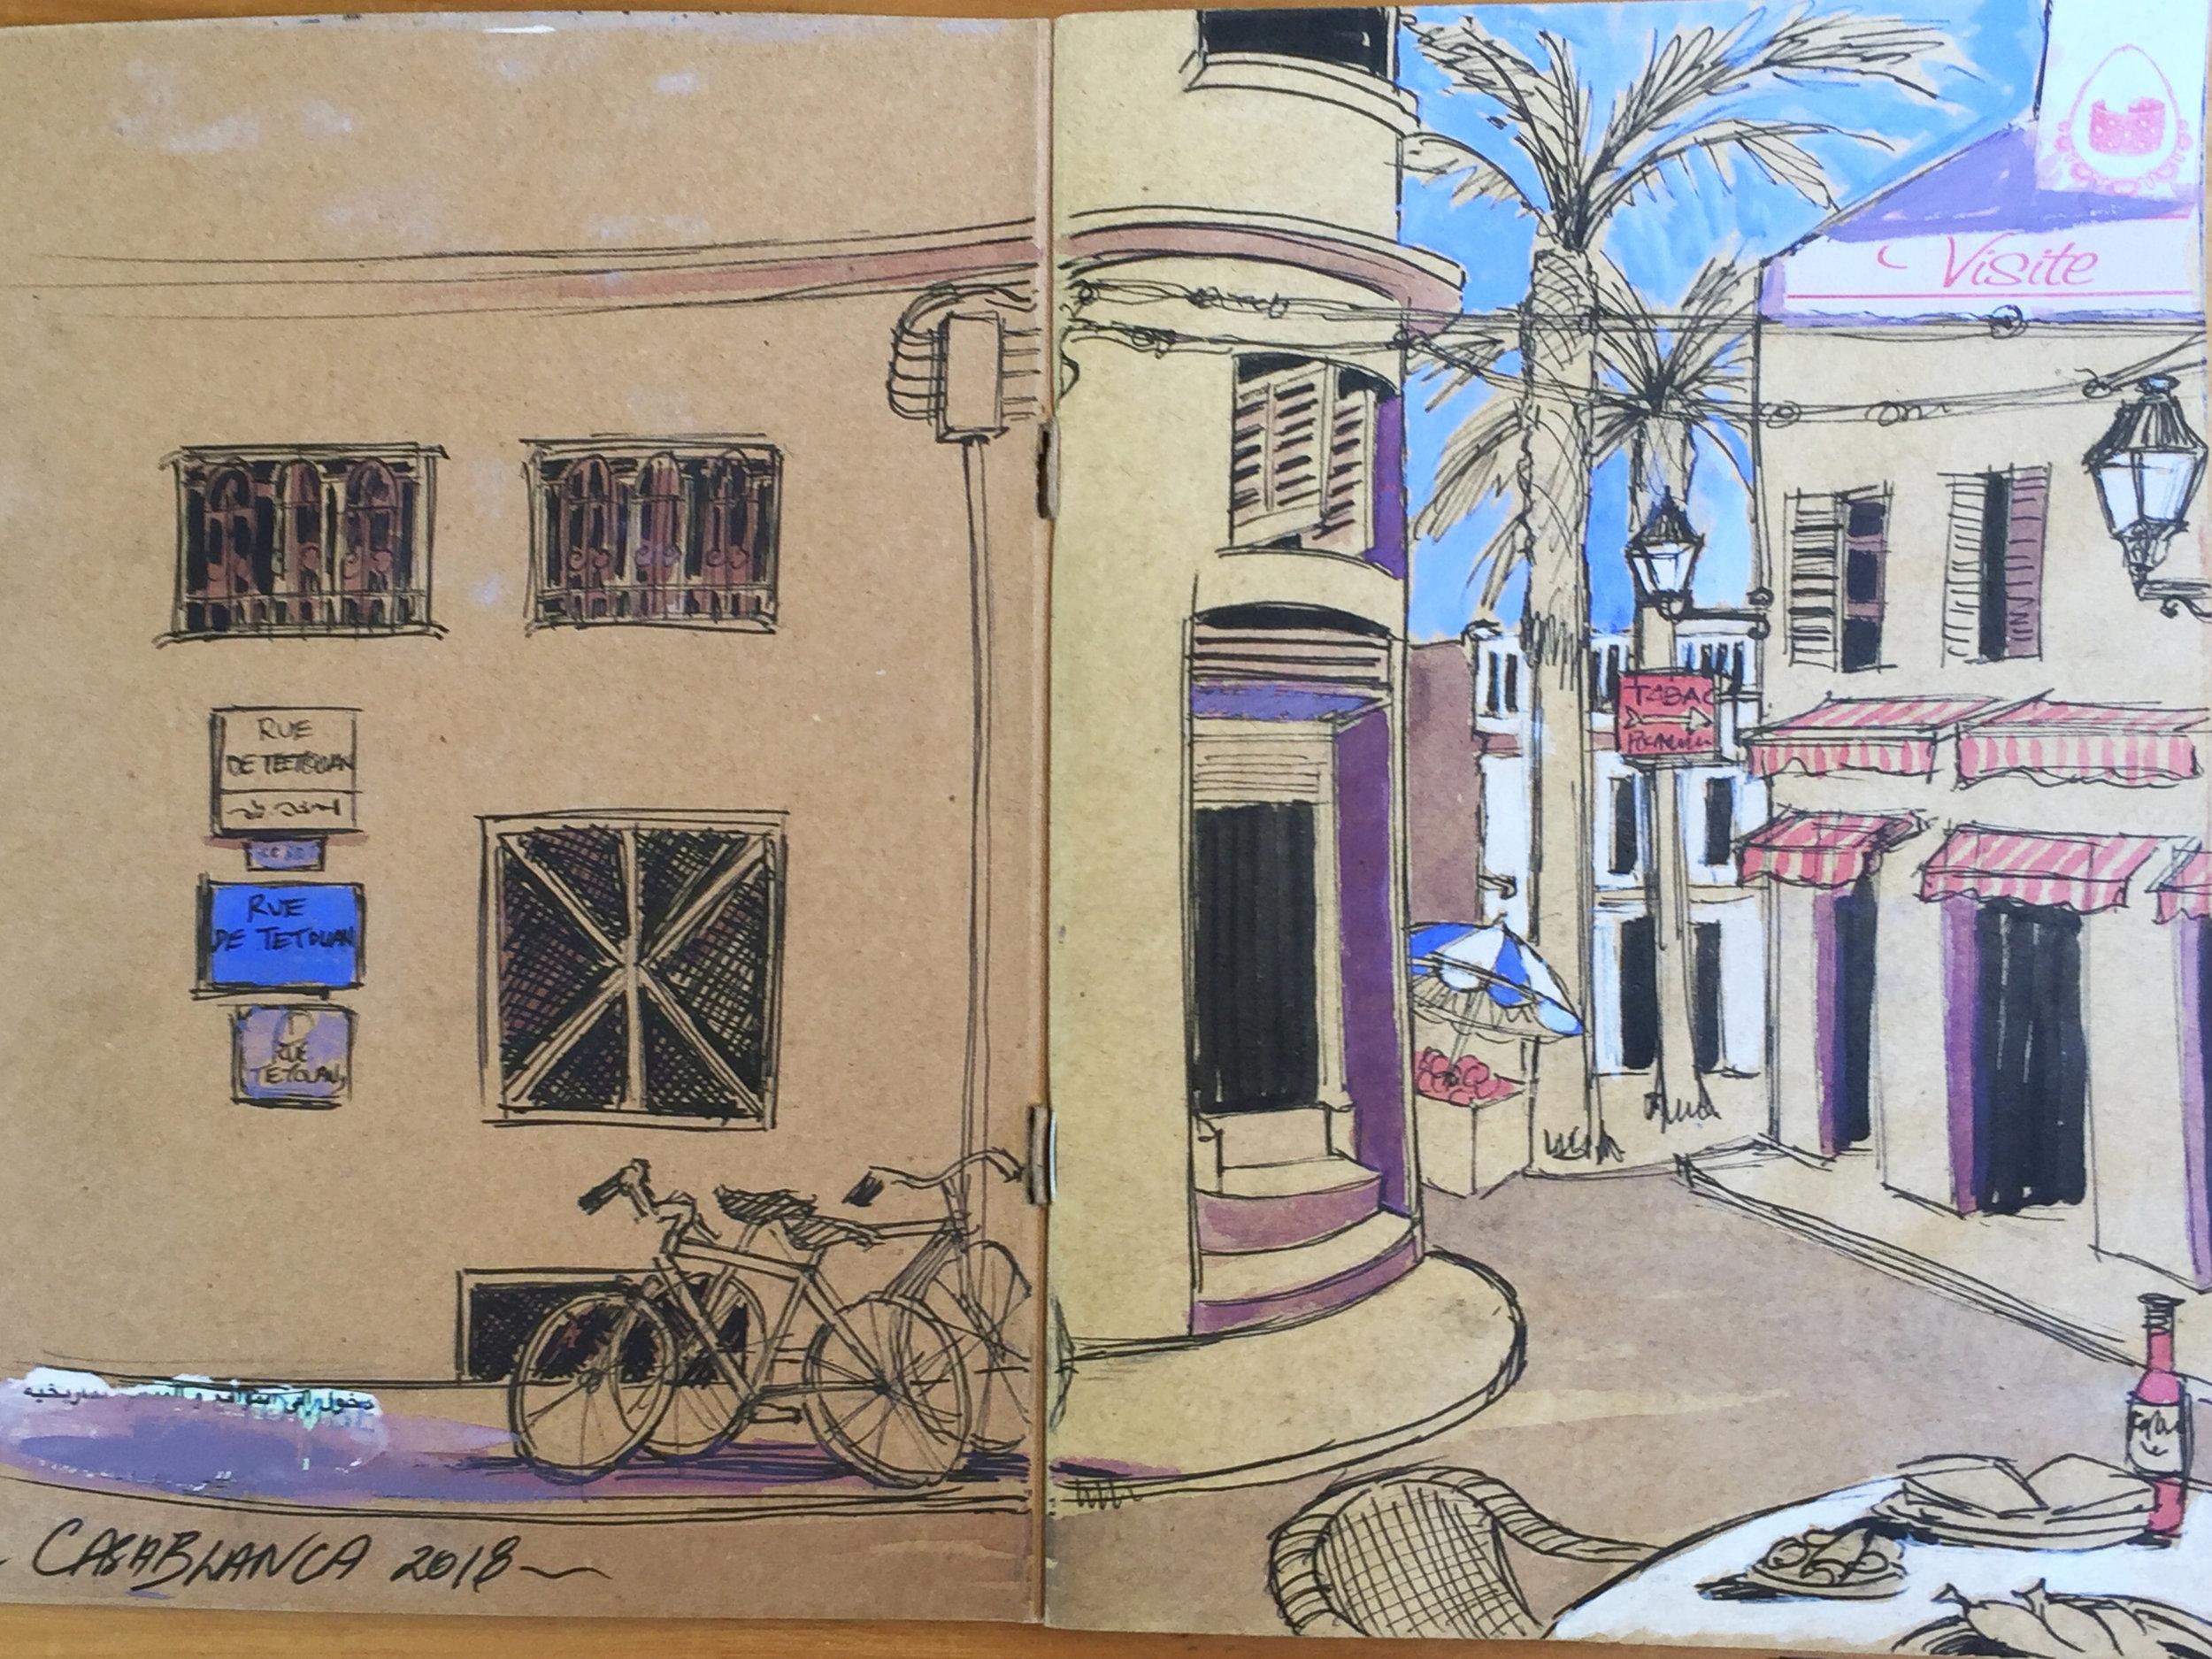 Casablanca Sketch.jpg